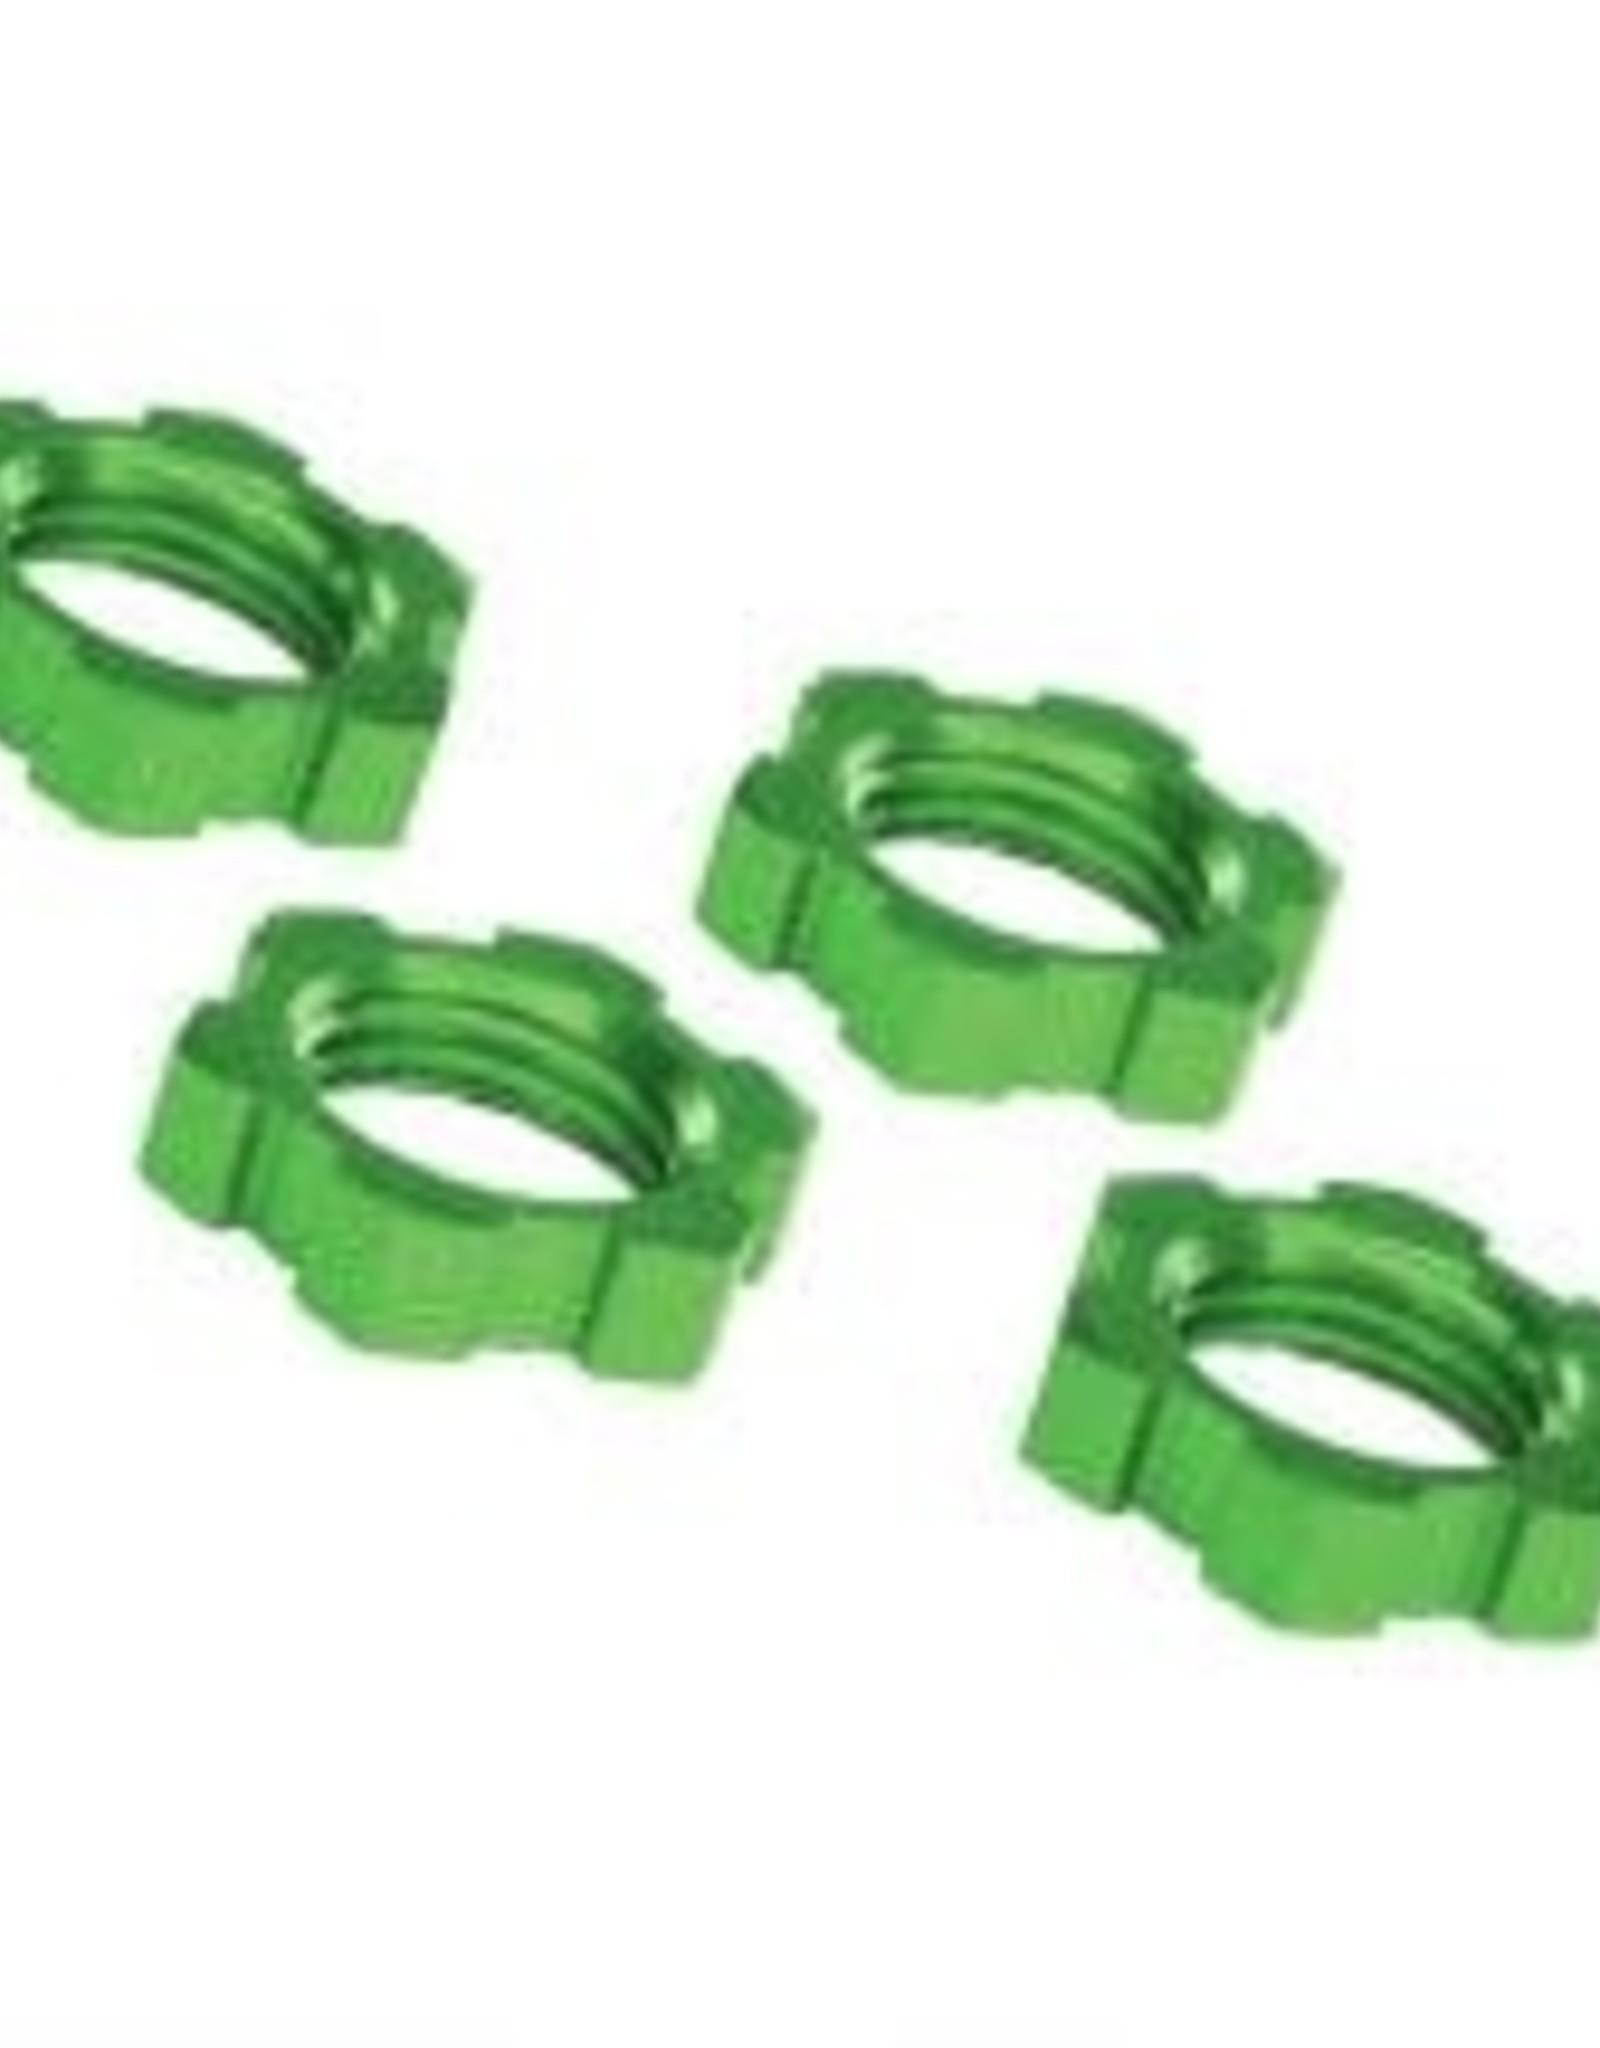 TRAXXAS Wheel nuts, splined, 17mm, serrated (green-anodized) (4)